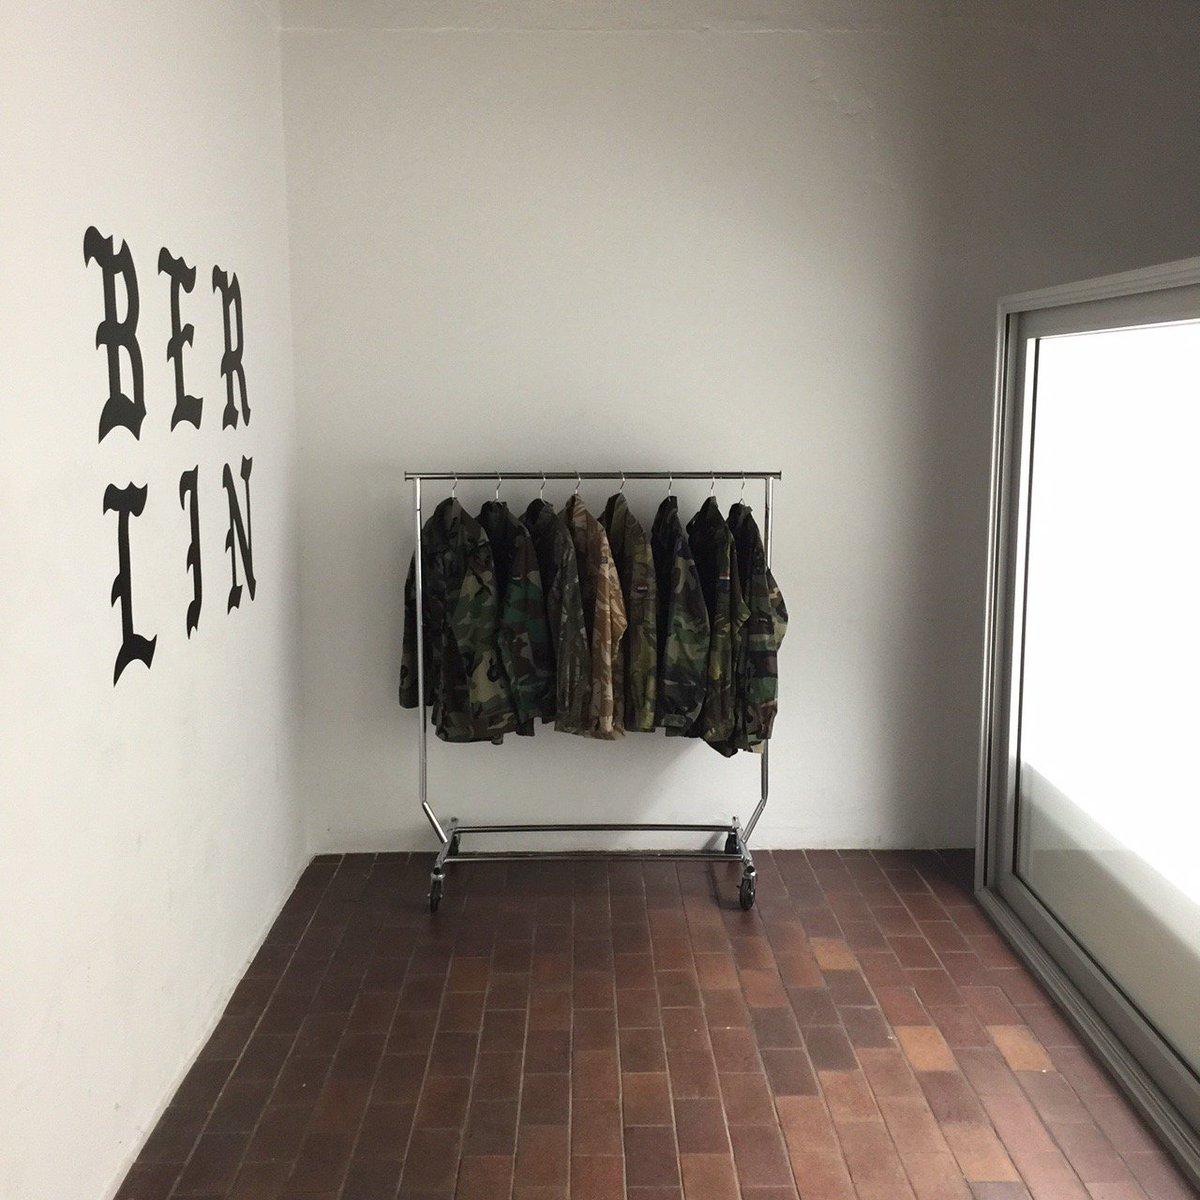 BERLIN https://t.co/S0Pba5aySH